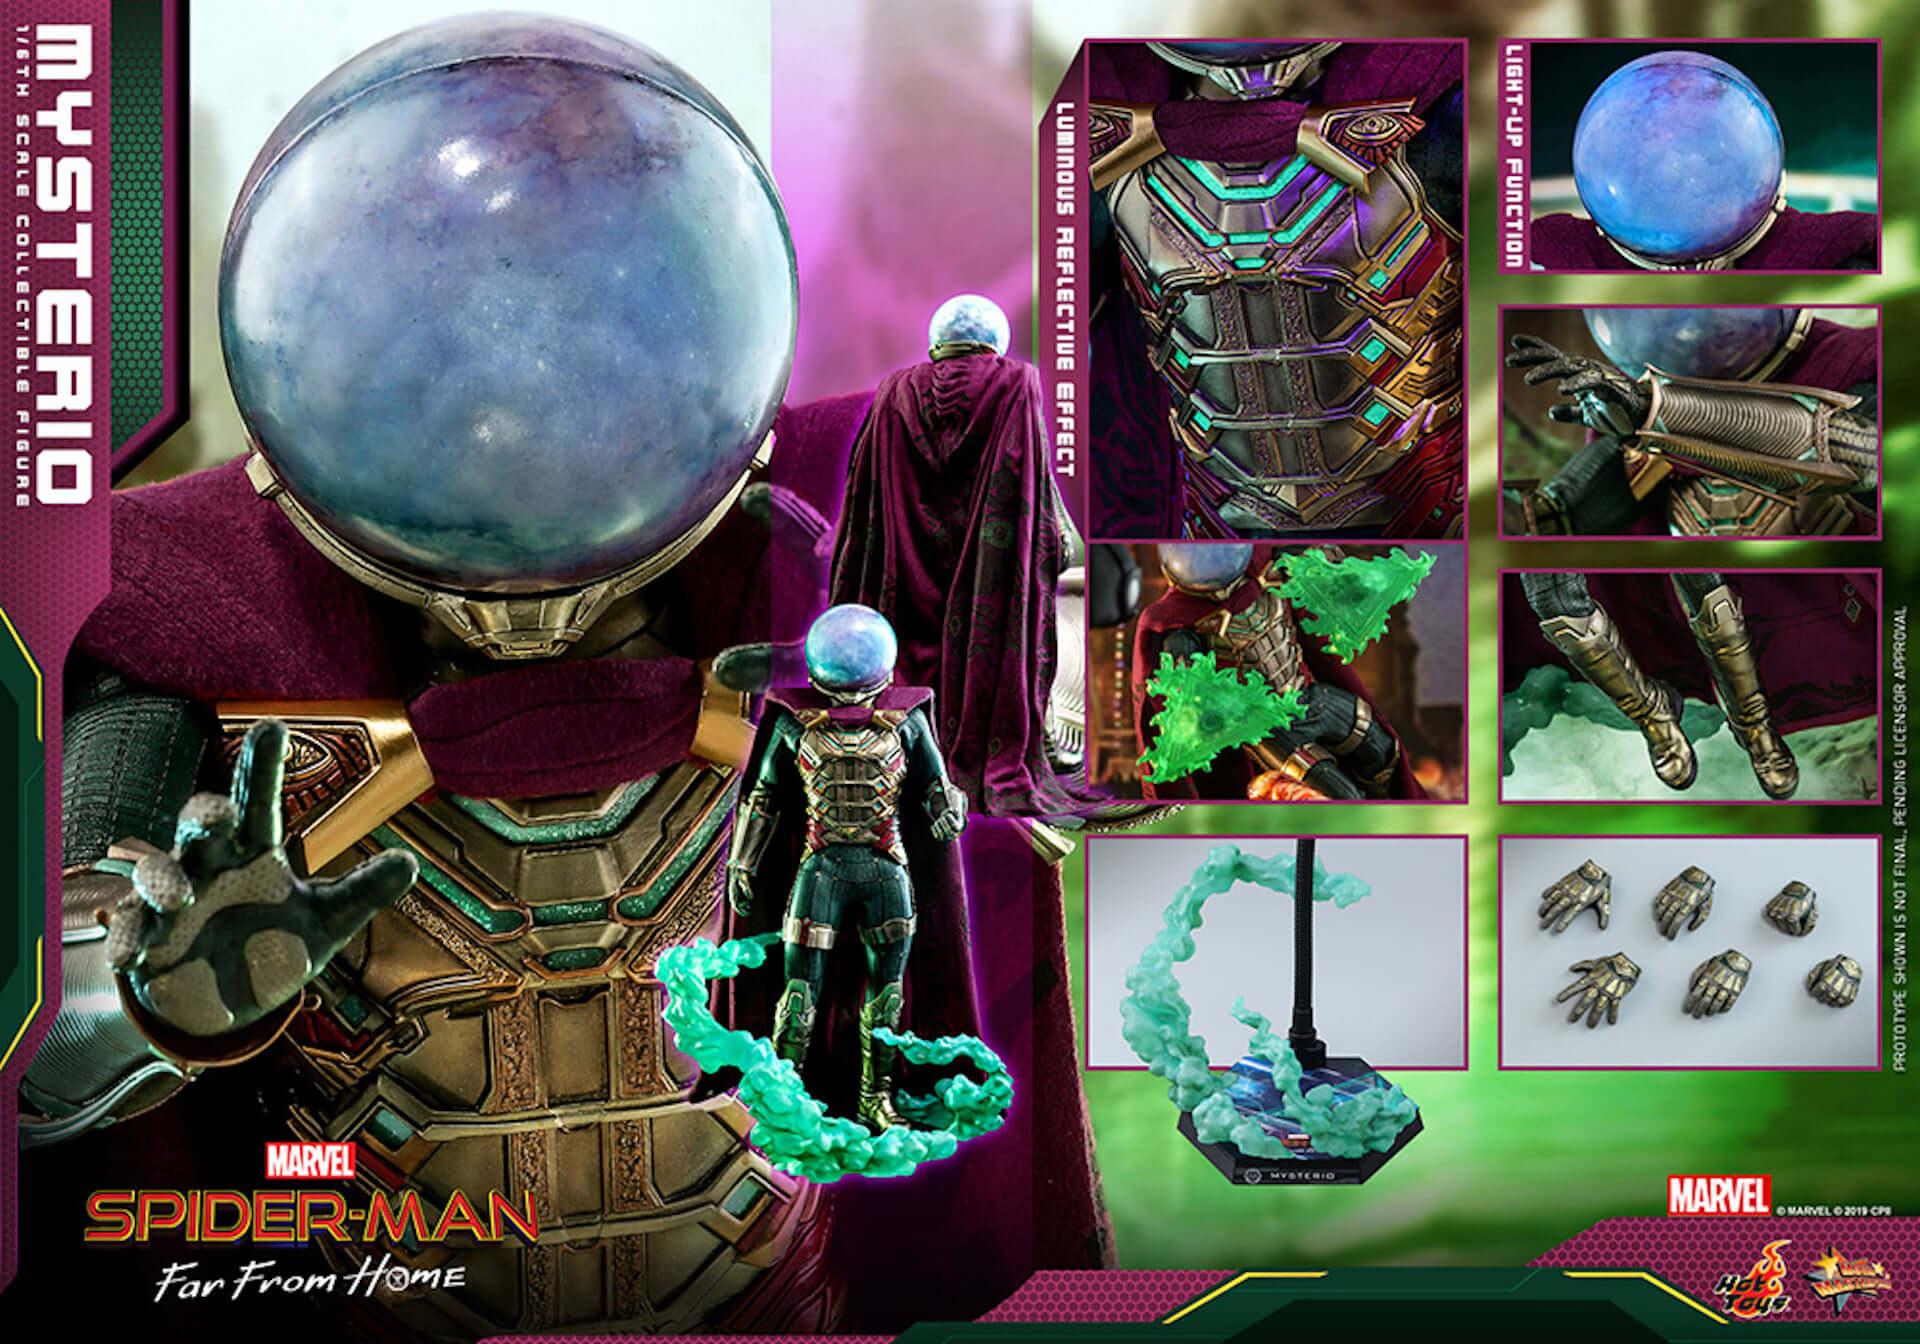 『スパイダーマン:ファー・フロム・ホーム』のミステリオが超リアルなフィギュアとして登場! art190911_sffh_mysterio_hottoys_1-1920x1344